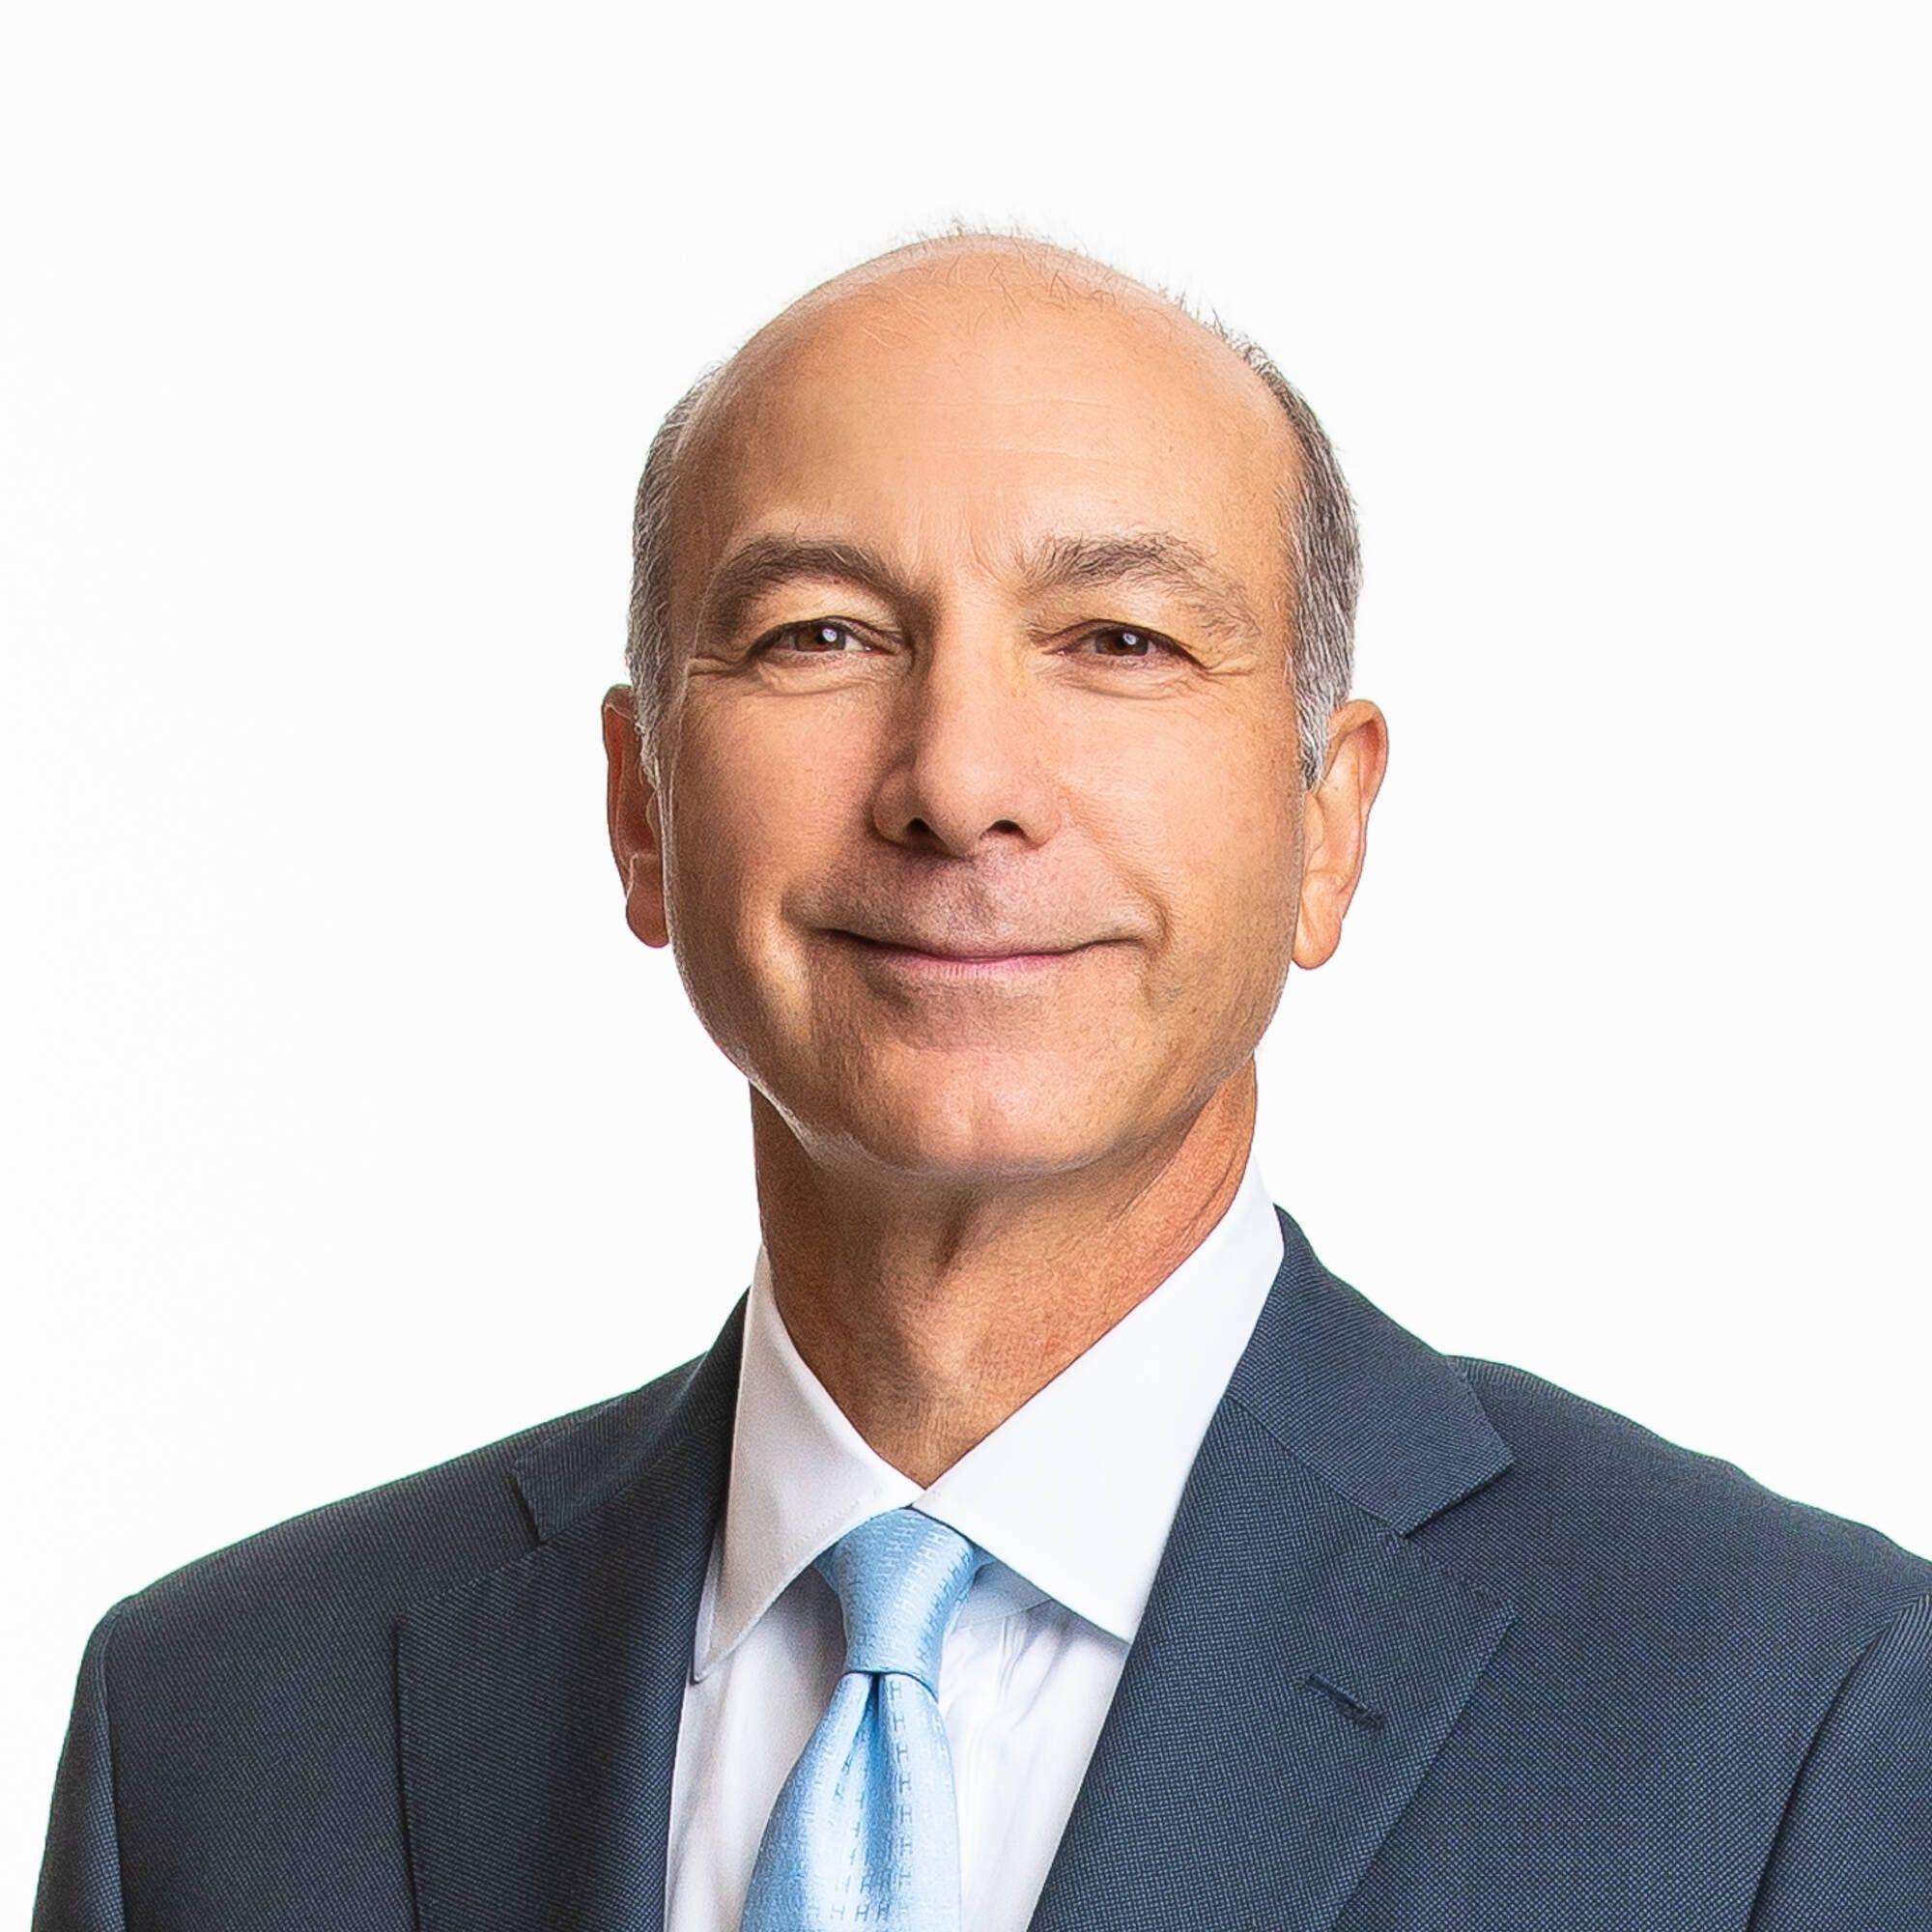 Steven A. Kandarian